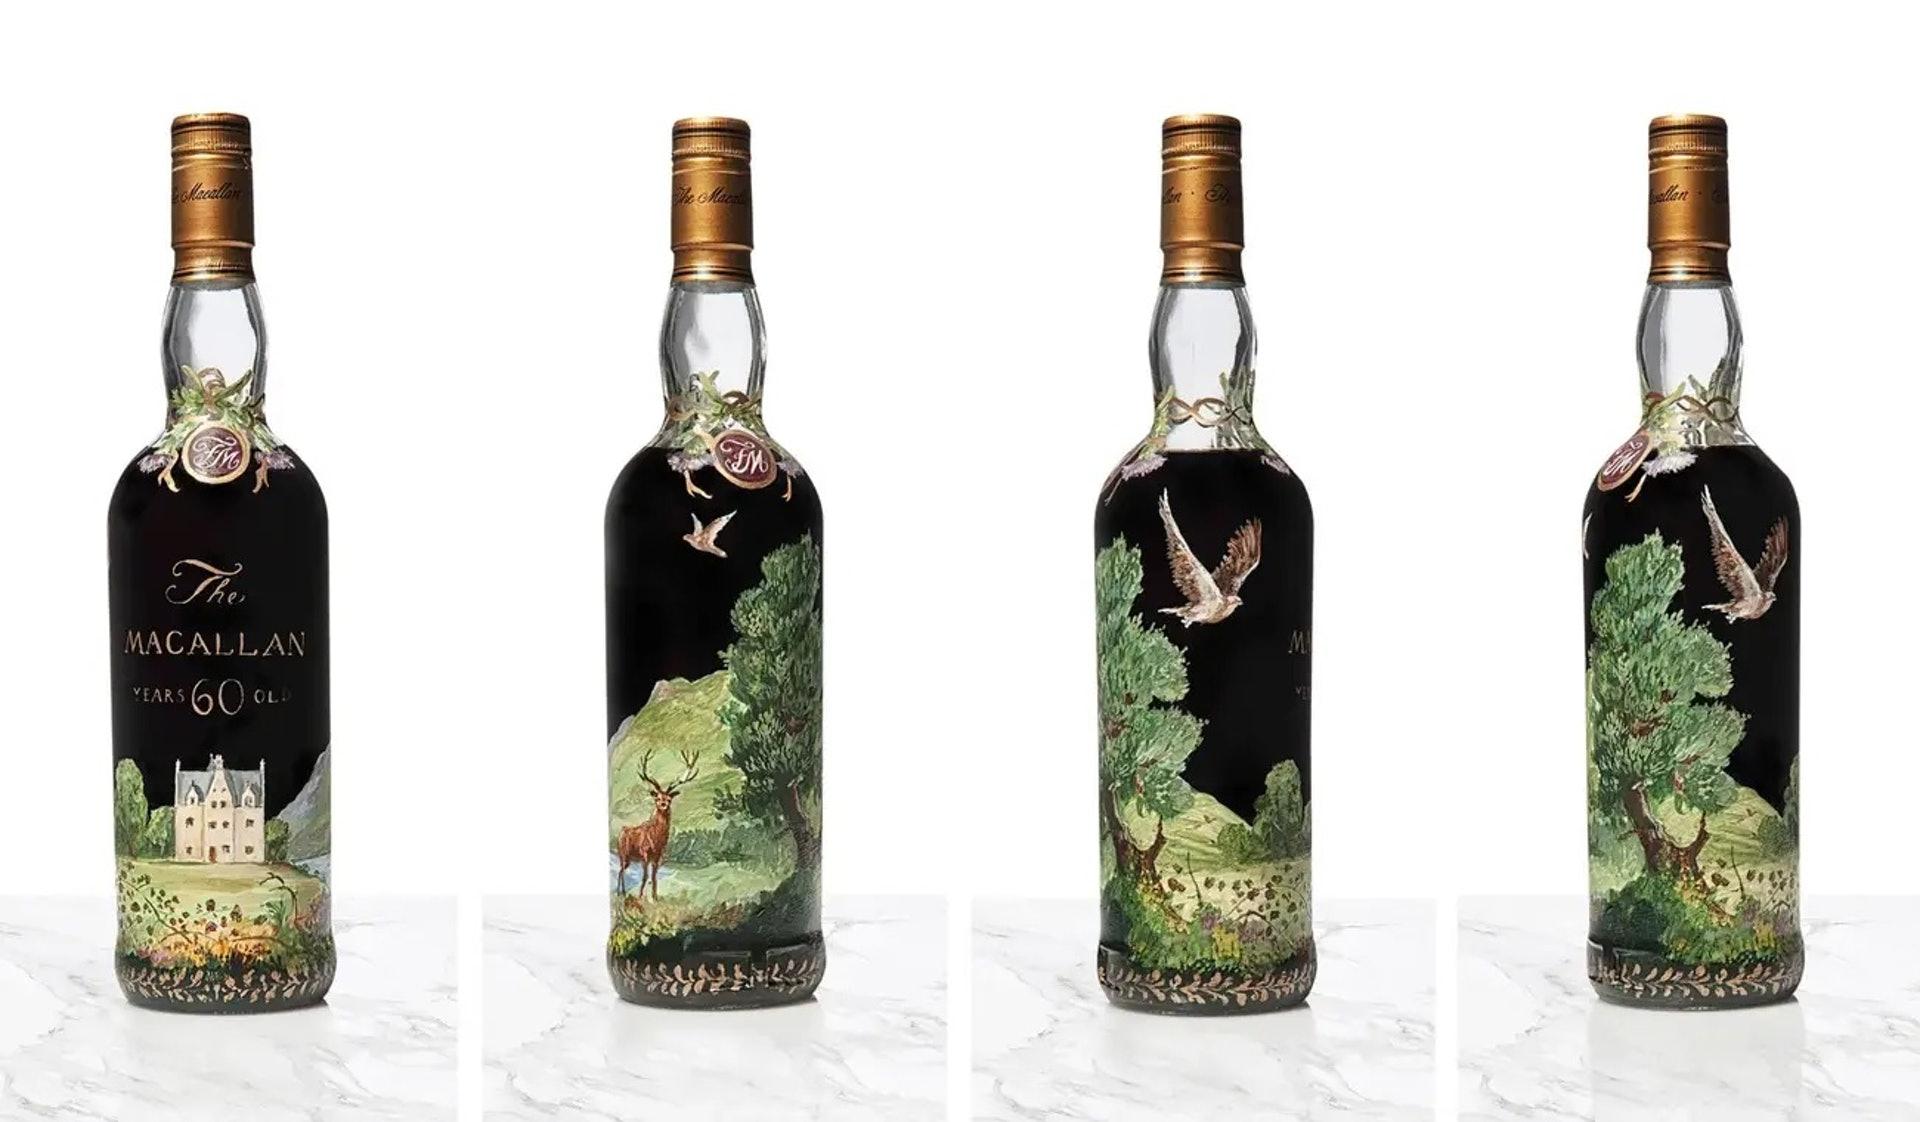 現時世界上的烈酒拍賣紀錄,前端者大部分都是威士忌。